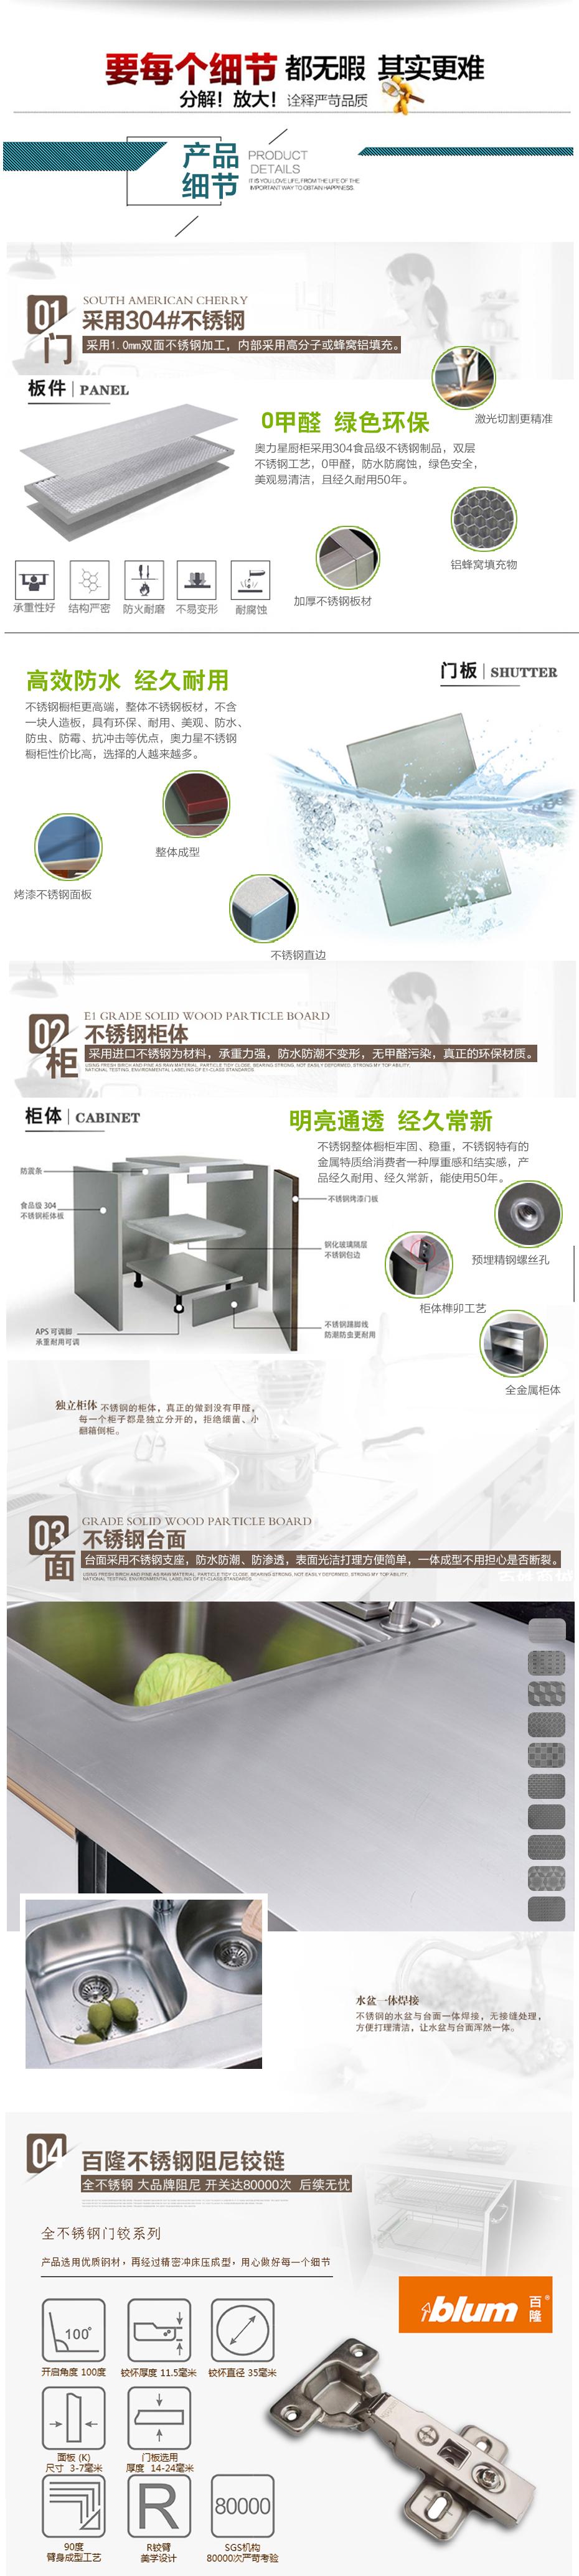 整体橱柜的具体产品细节